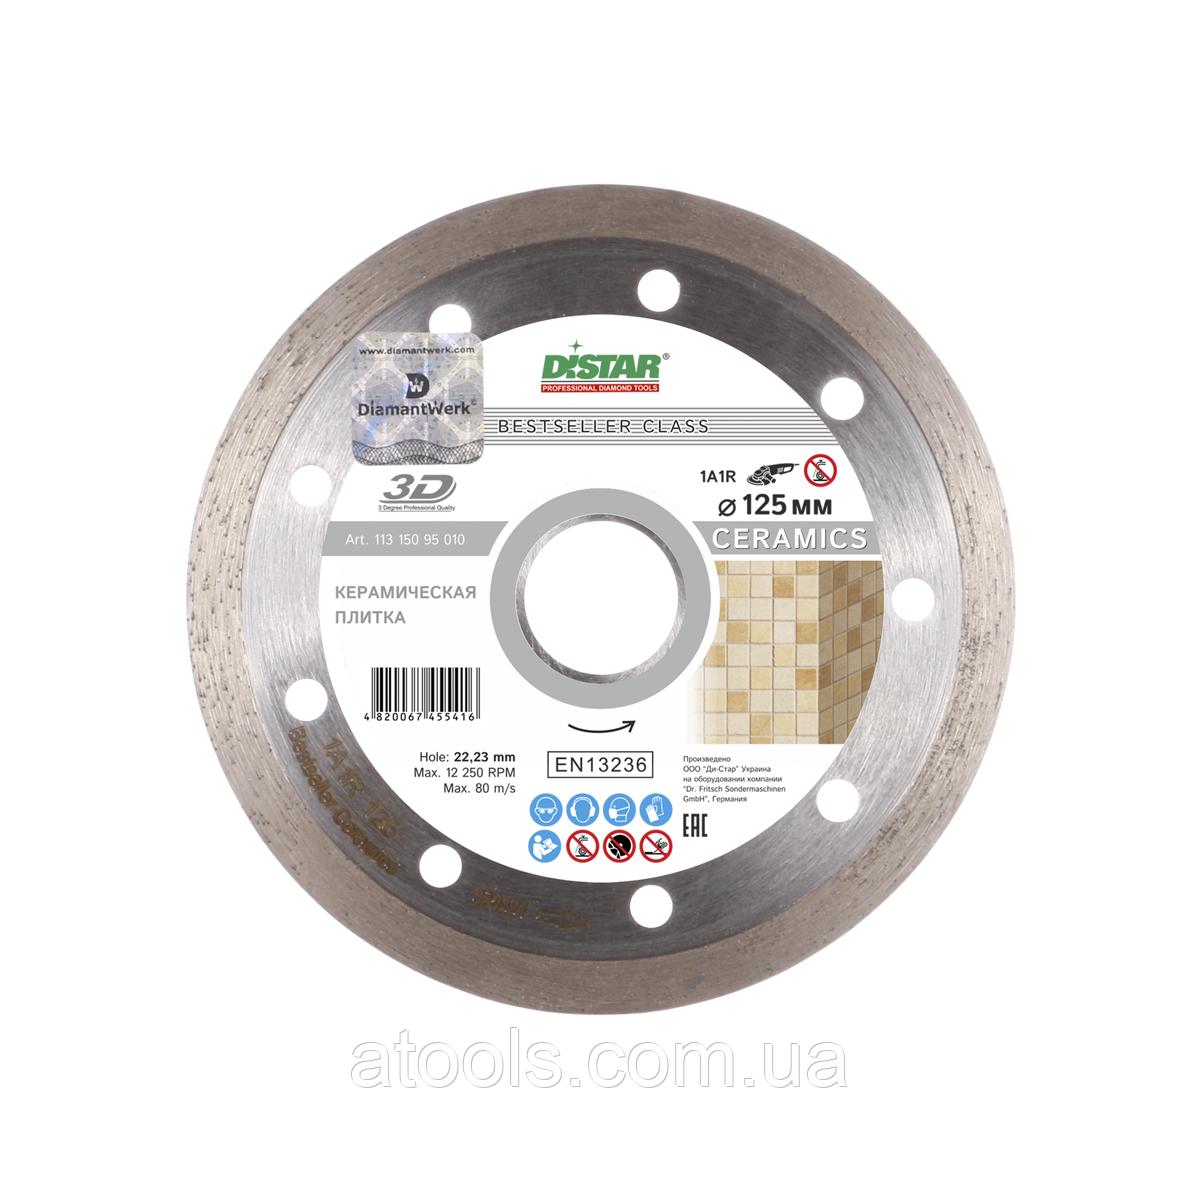 Алмазний відрізний диск Distar Ceramics 1A1R 125x1.5x8x22.23 Bestseller (11315095010)